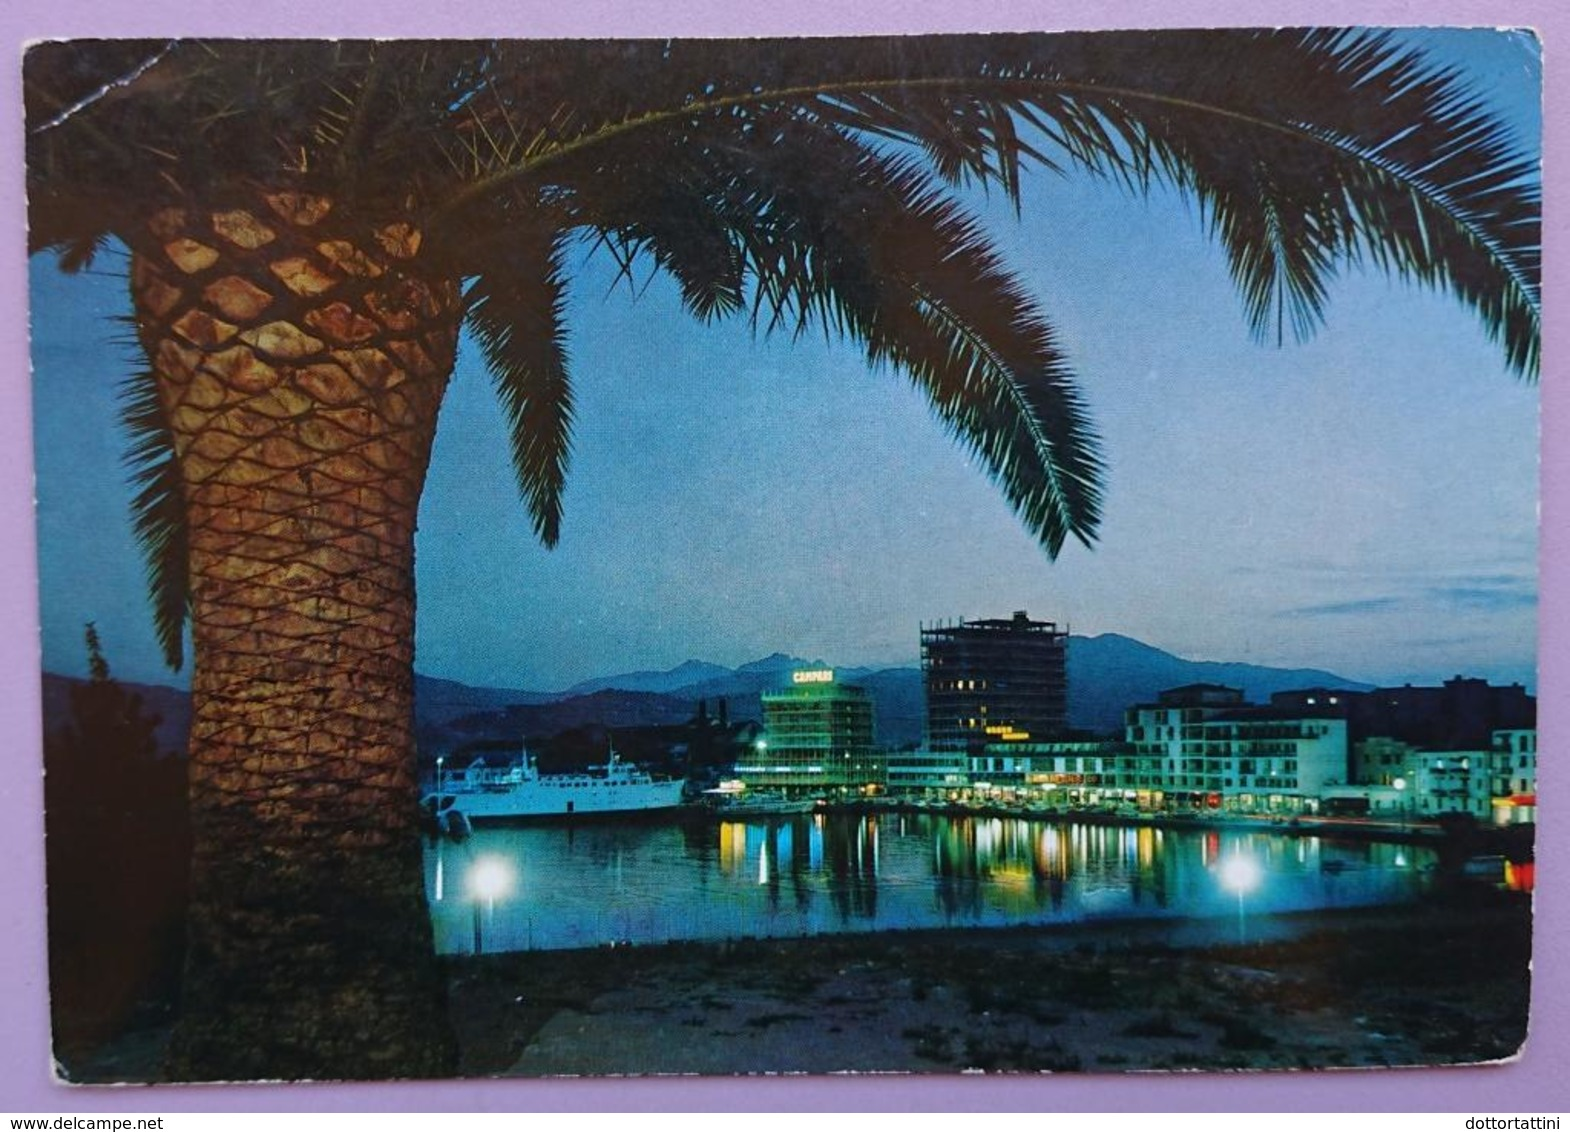 ISOLA D'ELBA - PORTOFERRAIO - IL NUOVO PORTO NOTTURNO - Harbour, Port, Palm - Vg T2 - Italia